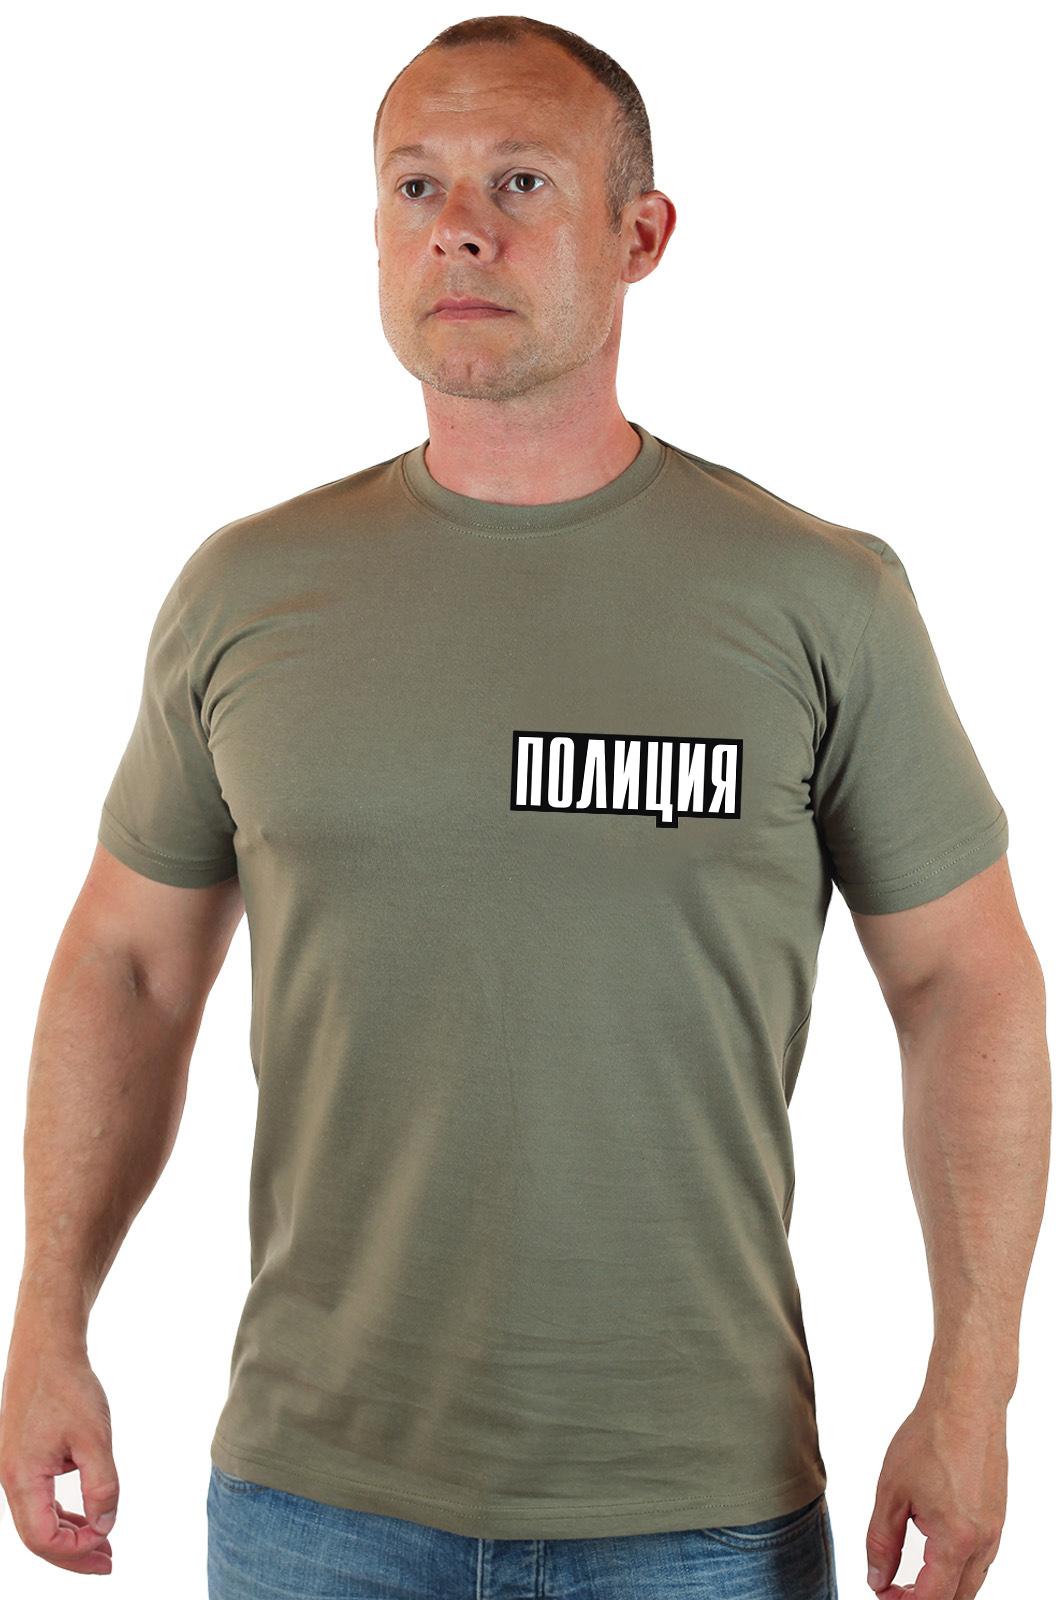 Мужская футболка с шевроном «Полиция»